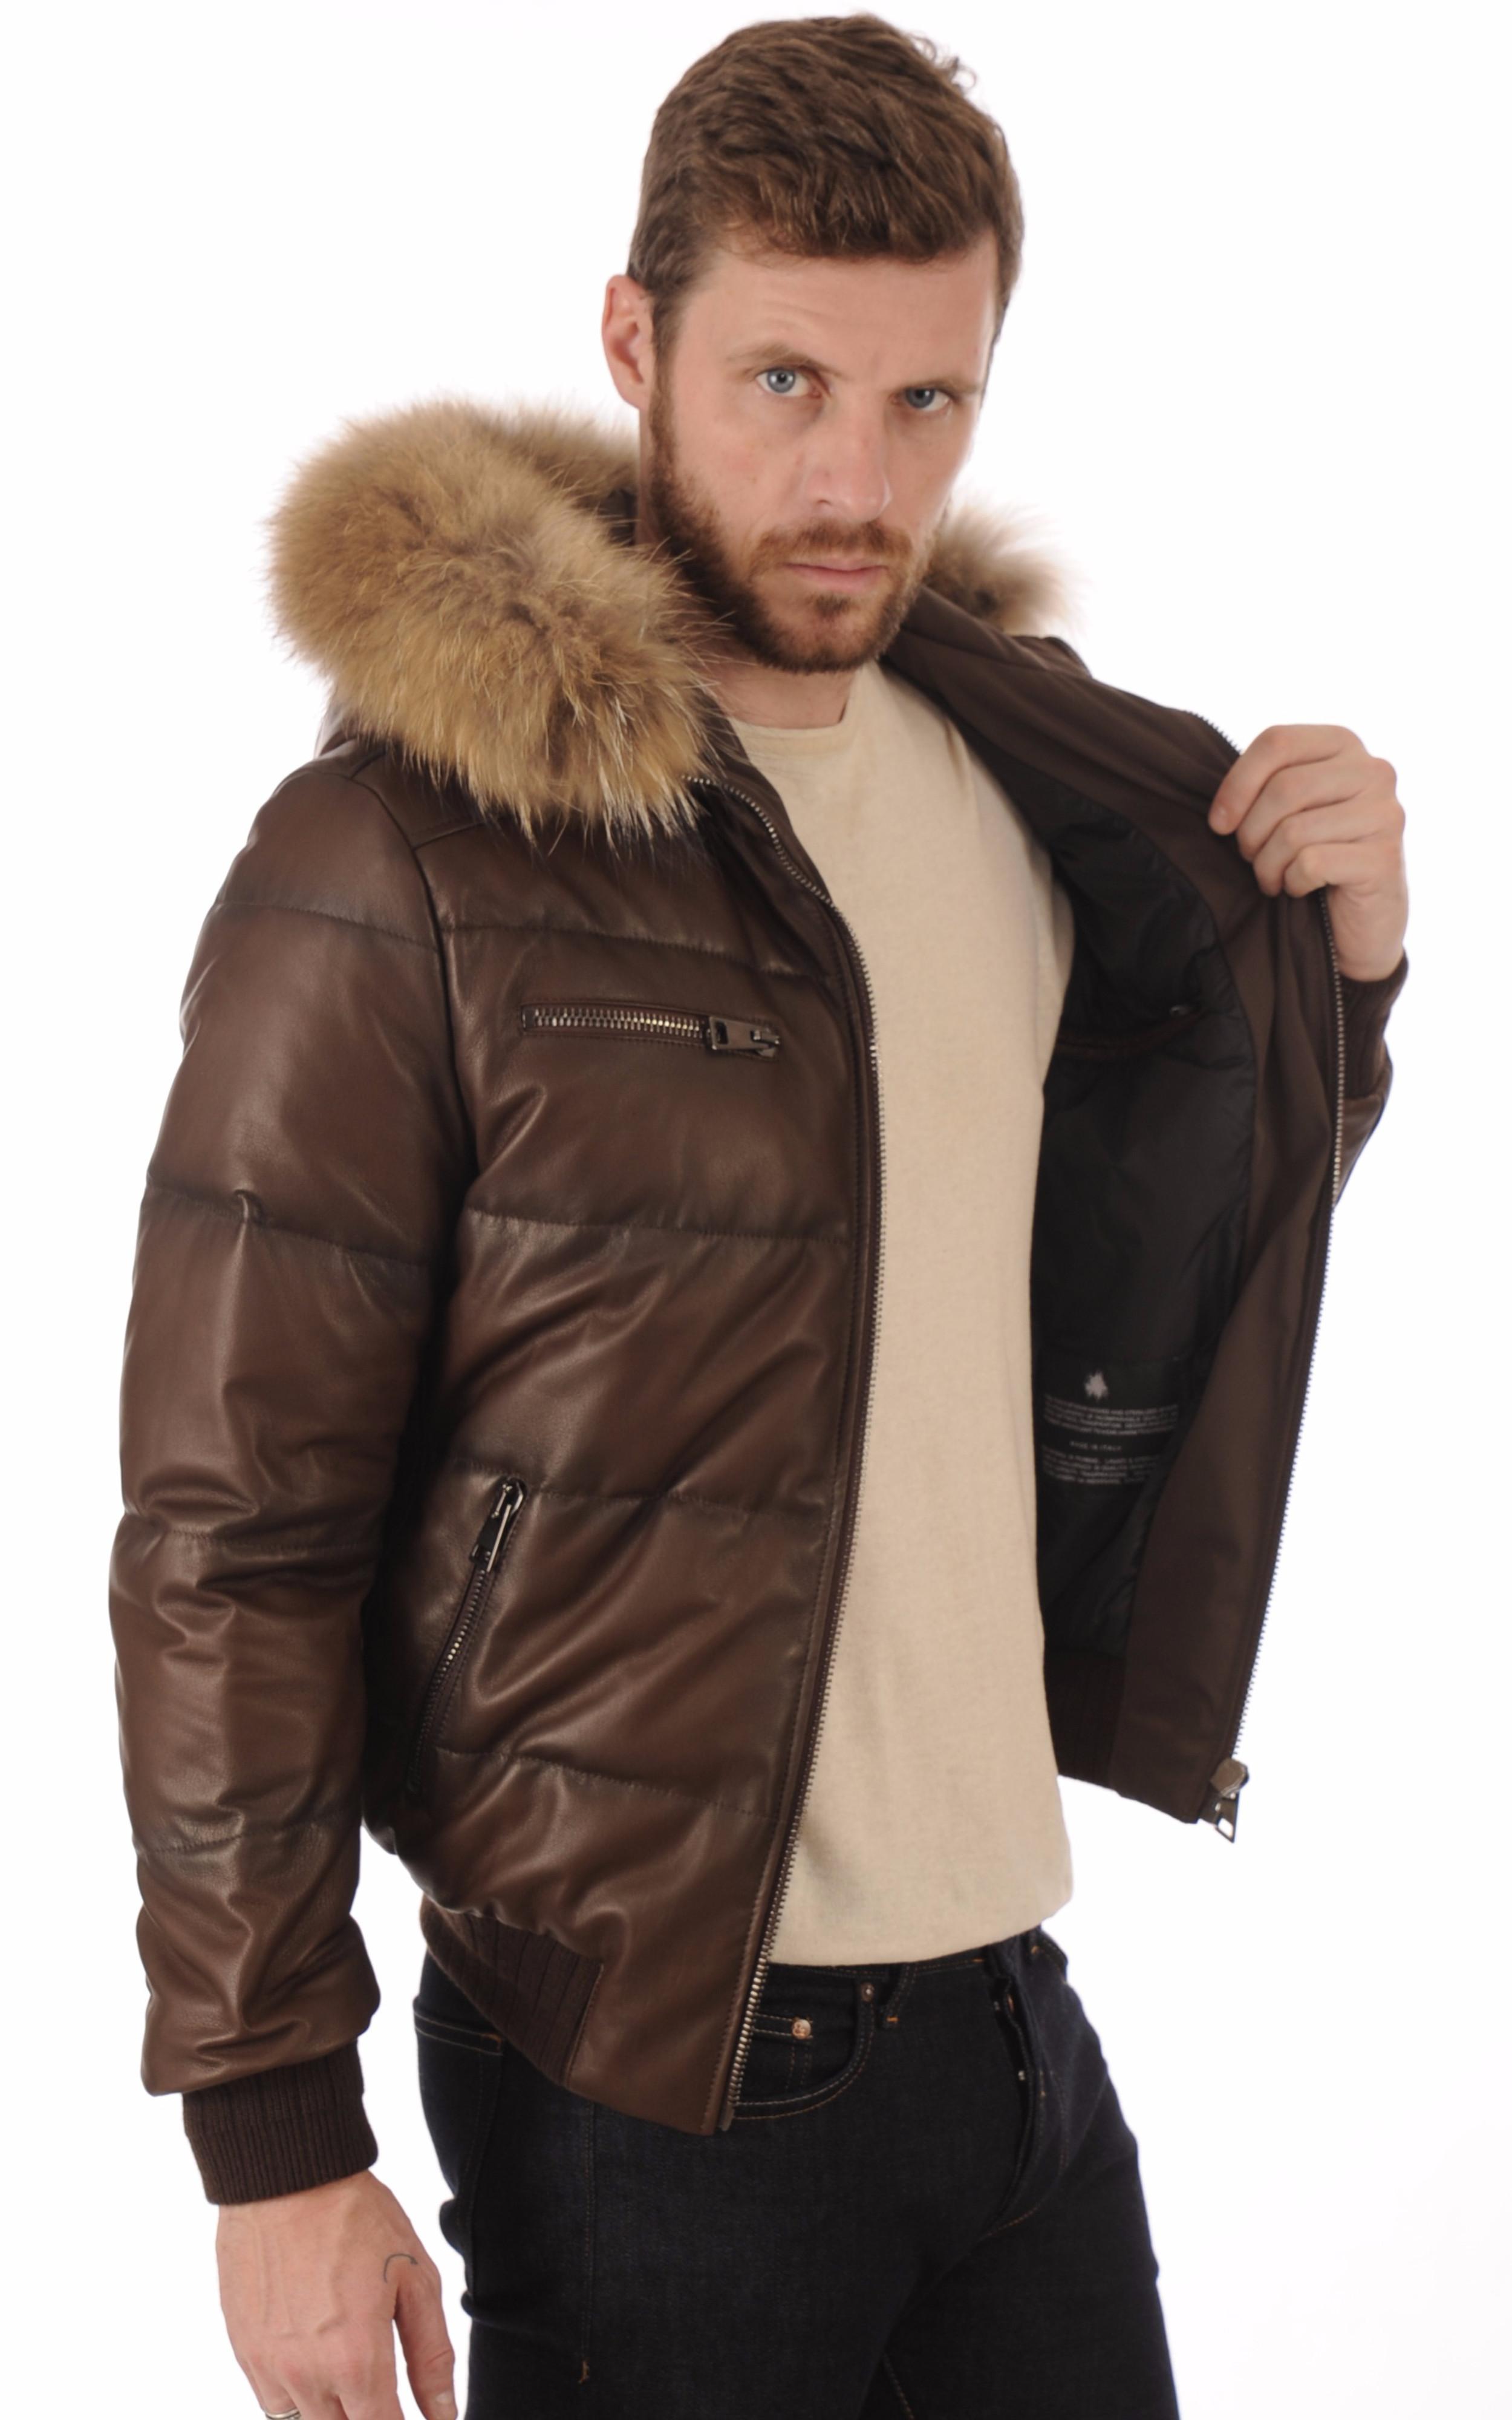 doudoune cuir pour homme marron la canadienne la canadienne doudoune parka cuir marron. Black Bedroom Furniture Sets. Home Design Ideas